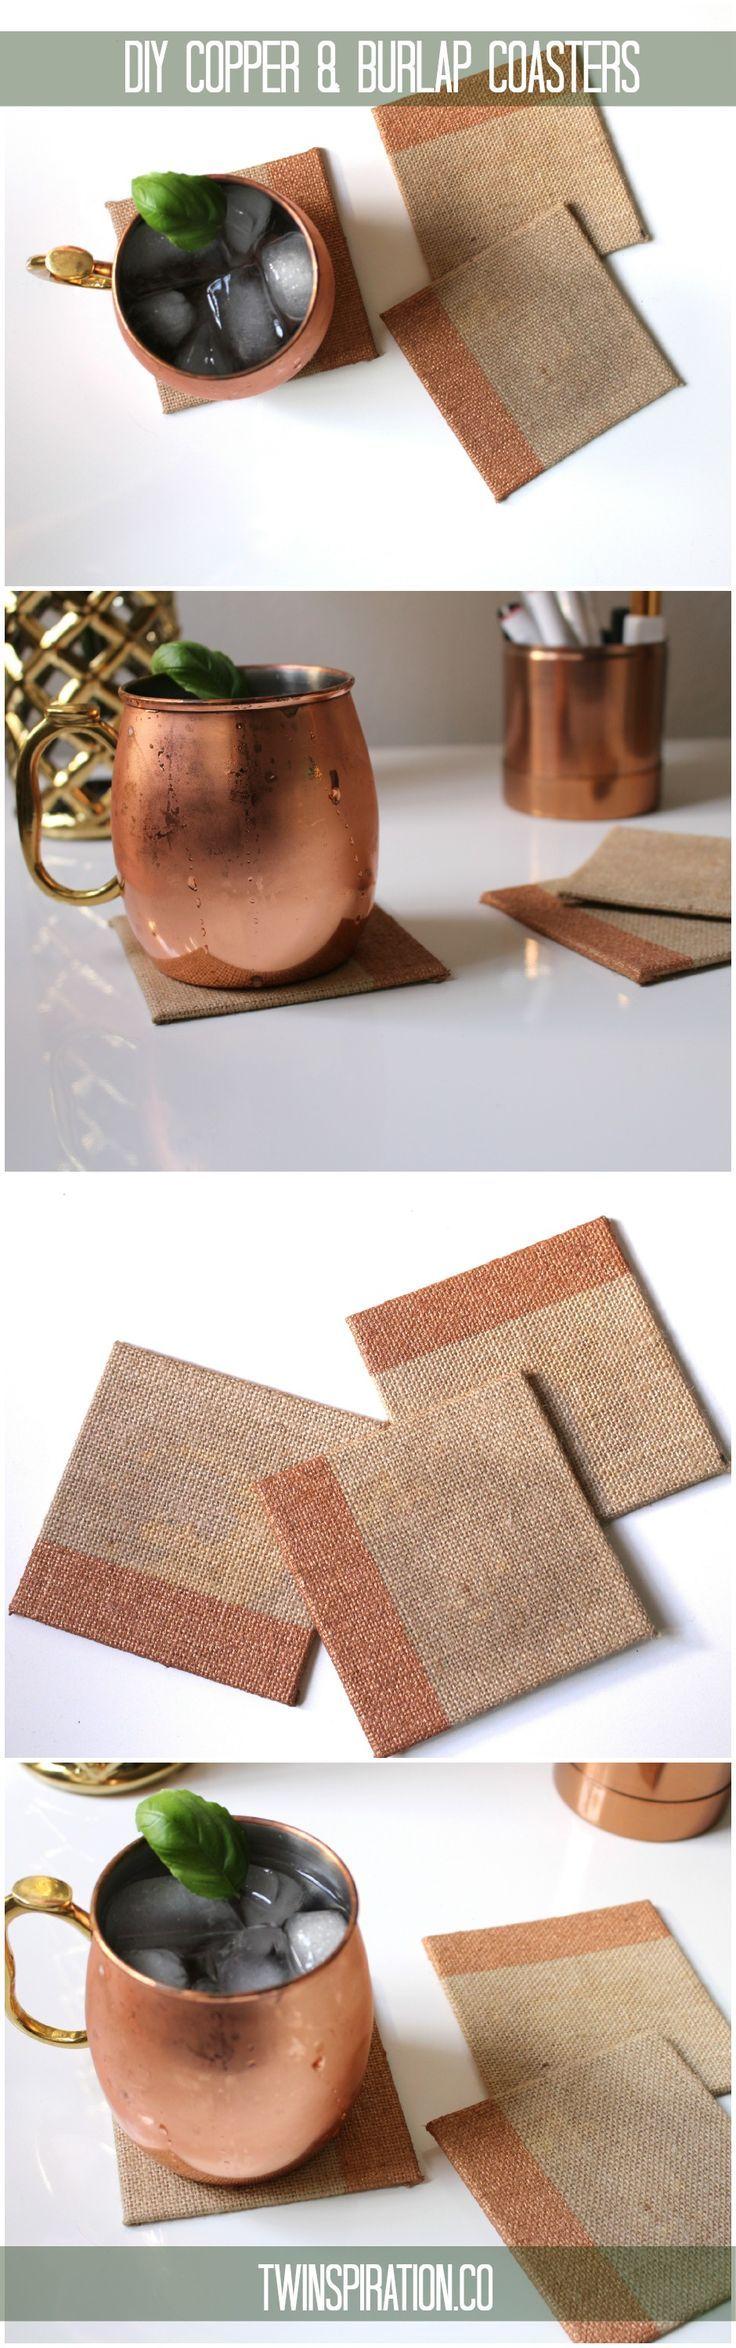 DIY Copper and Burlap Coasters by Twinspiration at http://twinspiration.co/copper-burlap-coasters/ | DIY Coaster Ideas